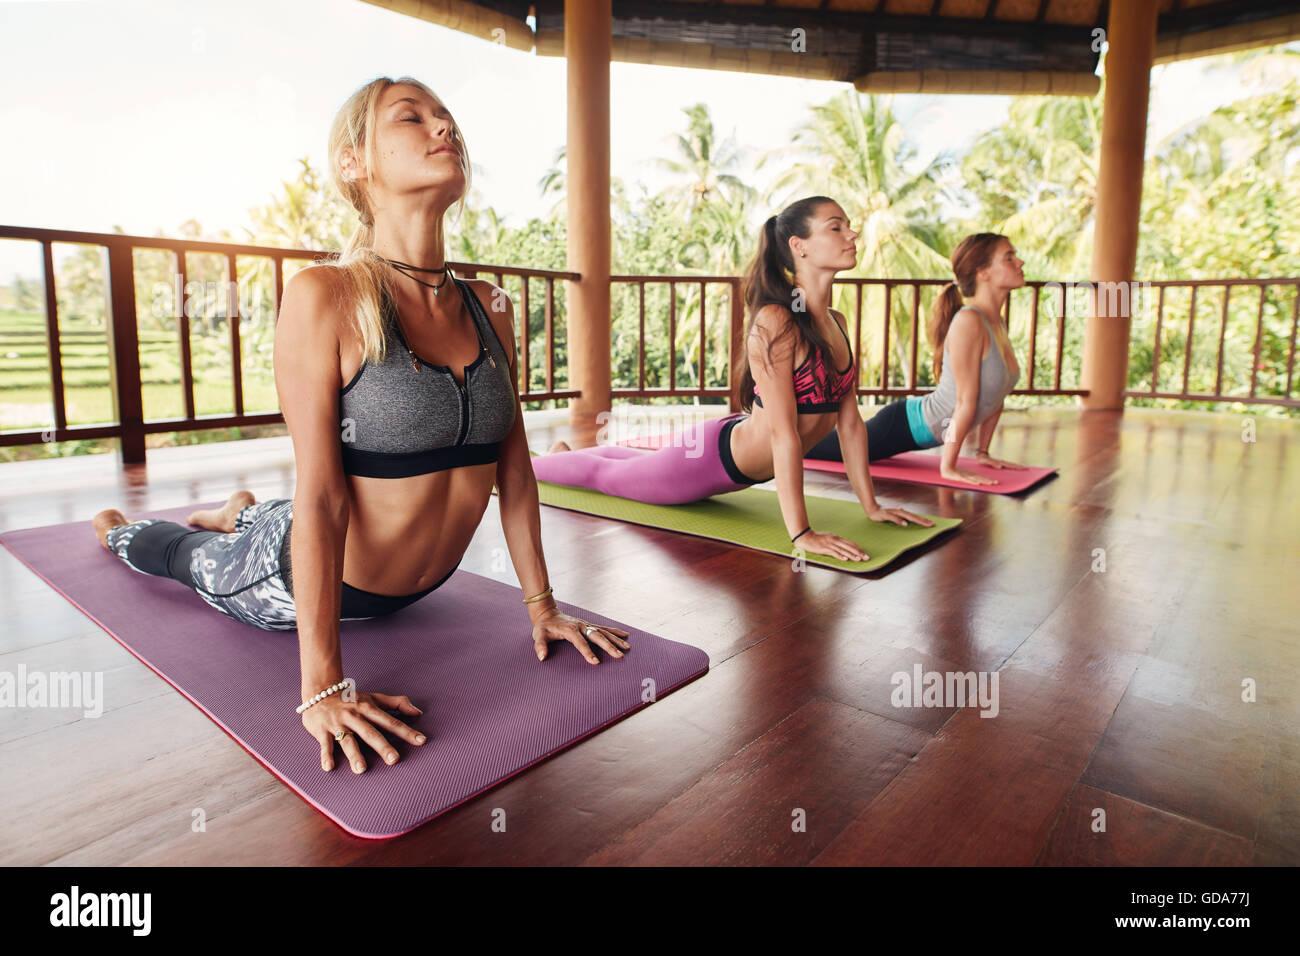 Fitness Frauen üben die Cobra stellen während der Yoga-Kurs in ein Gesundheitszentrum. Fitness-Gruppe, Stockbild